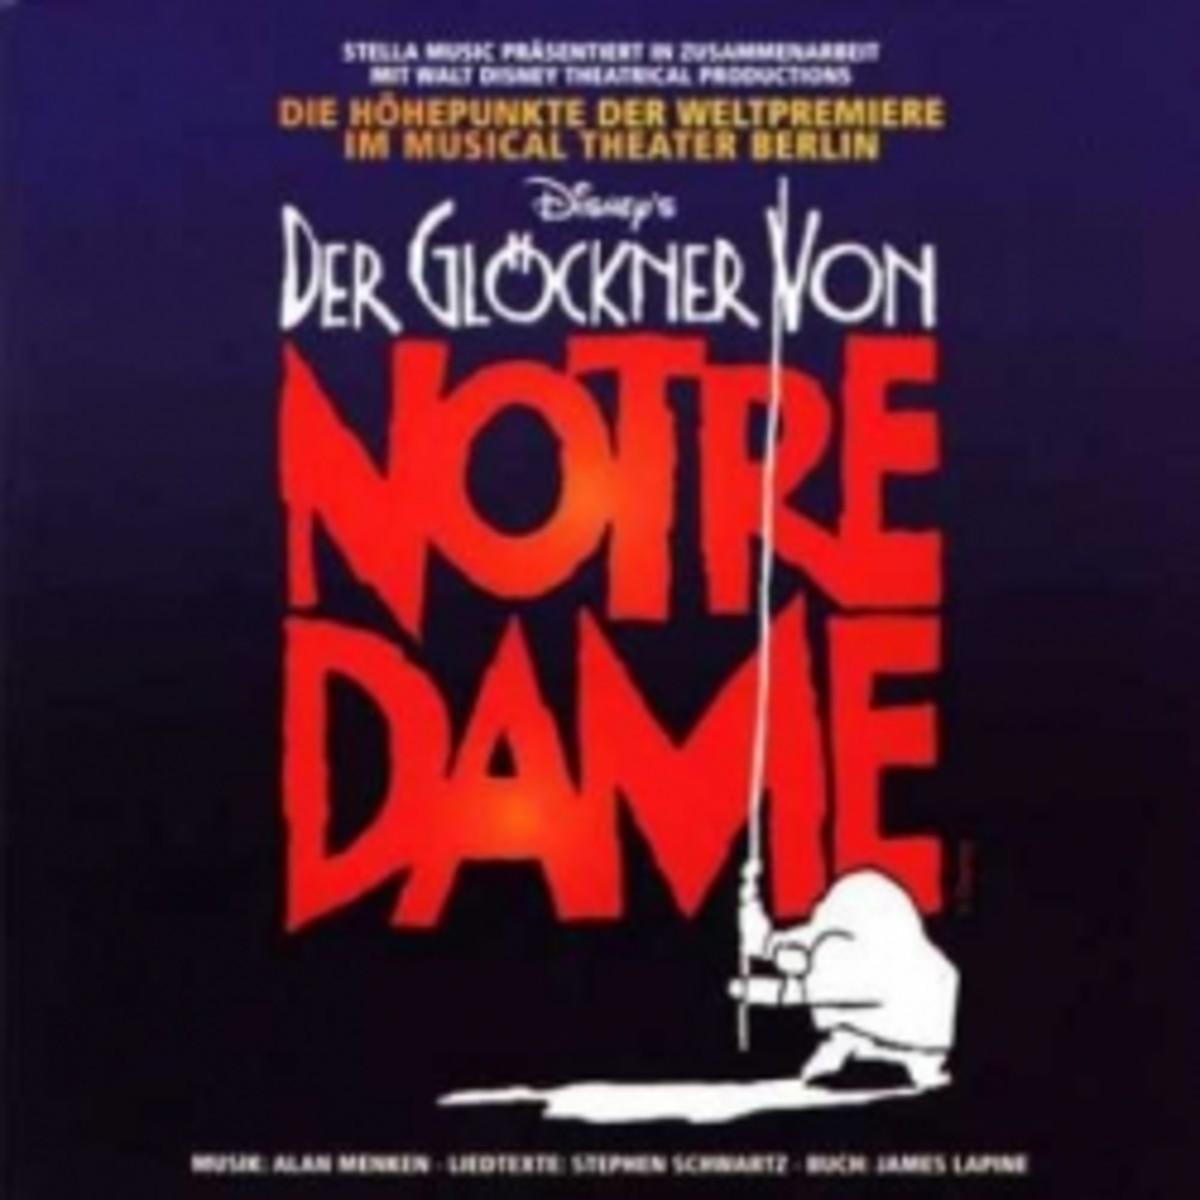 Der Glockner von Notre Dame Soundtrack cover